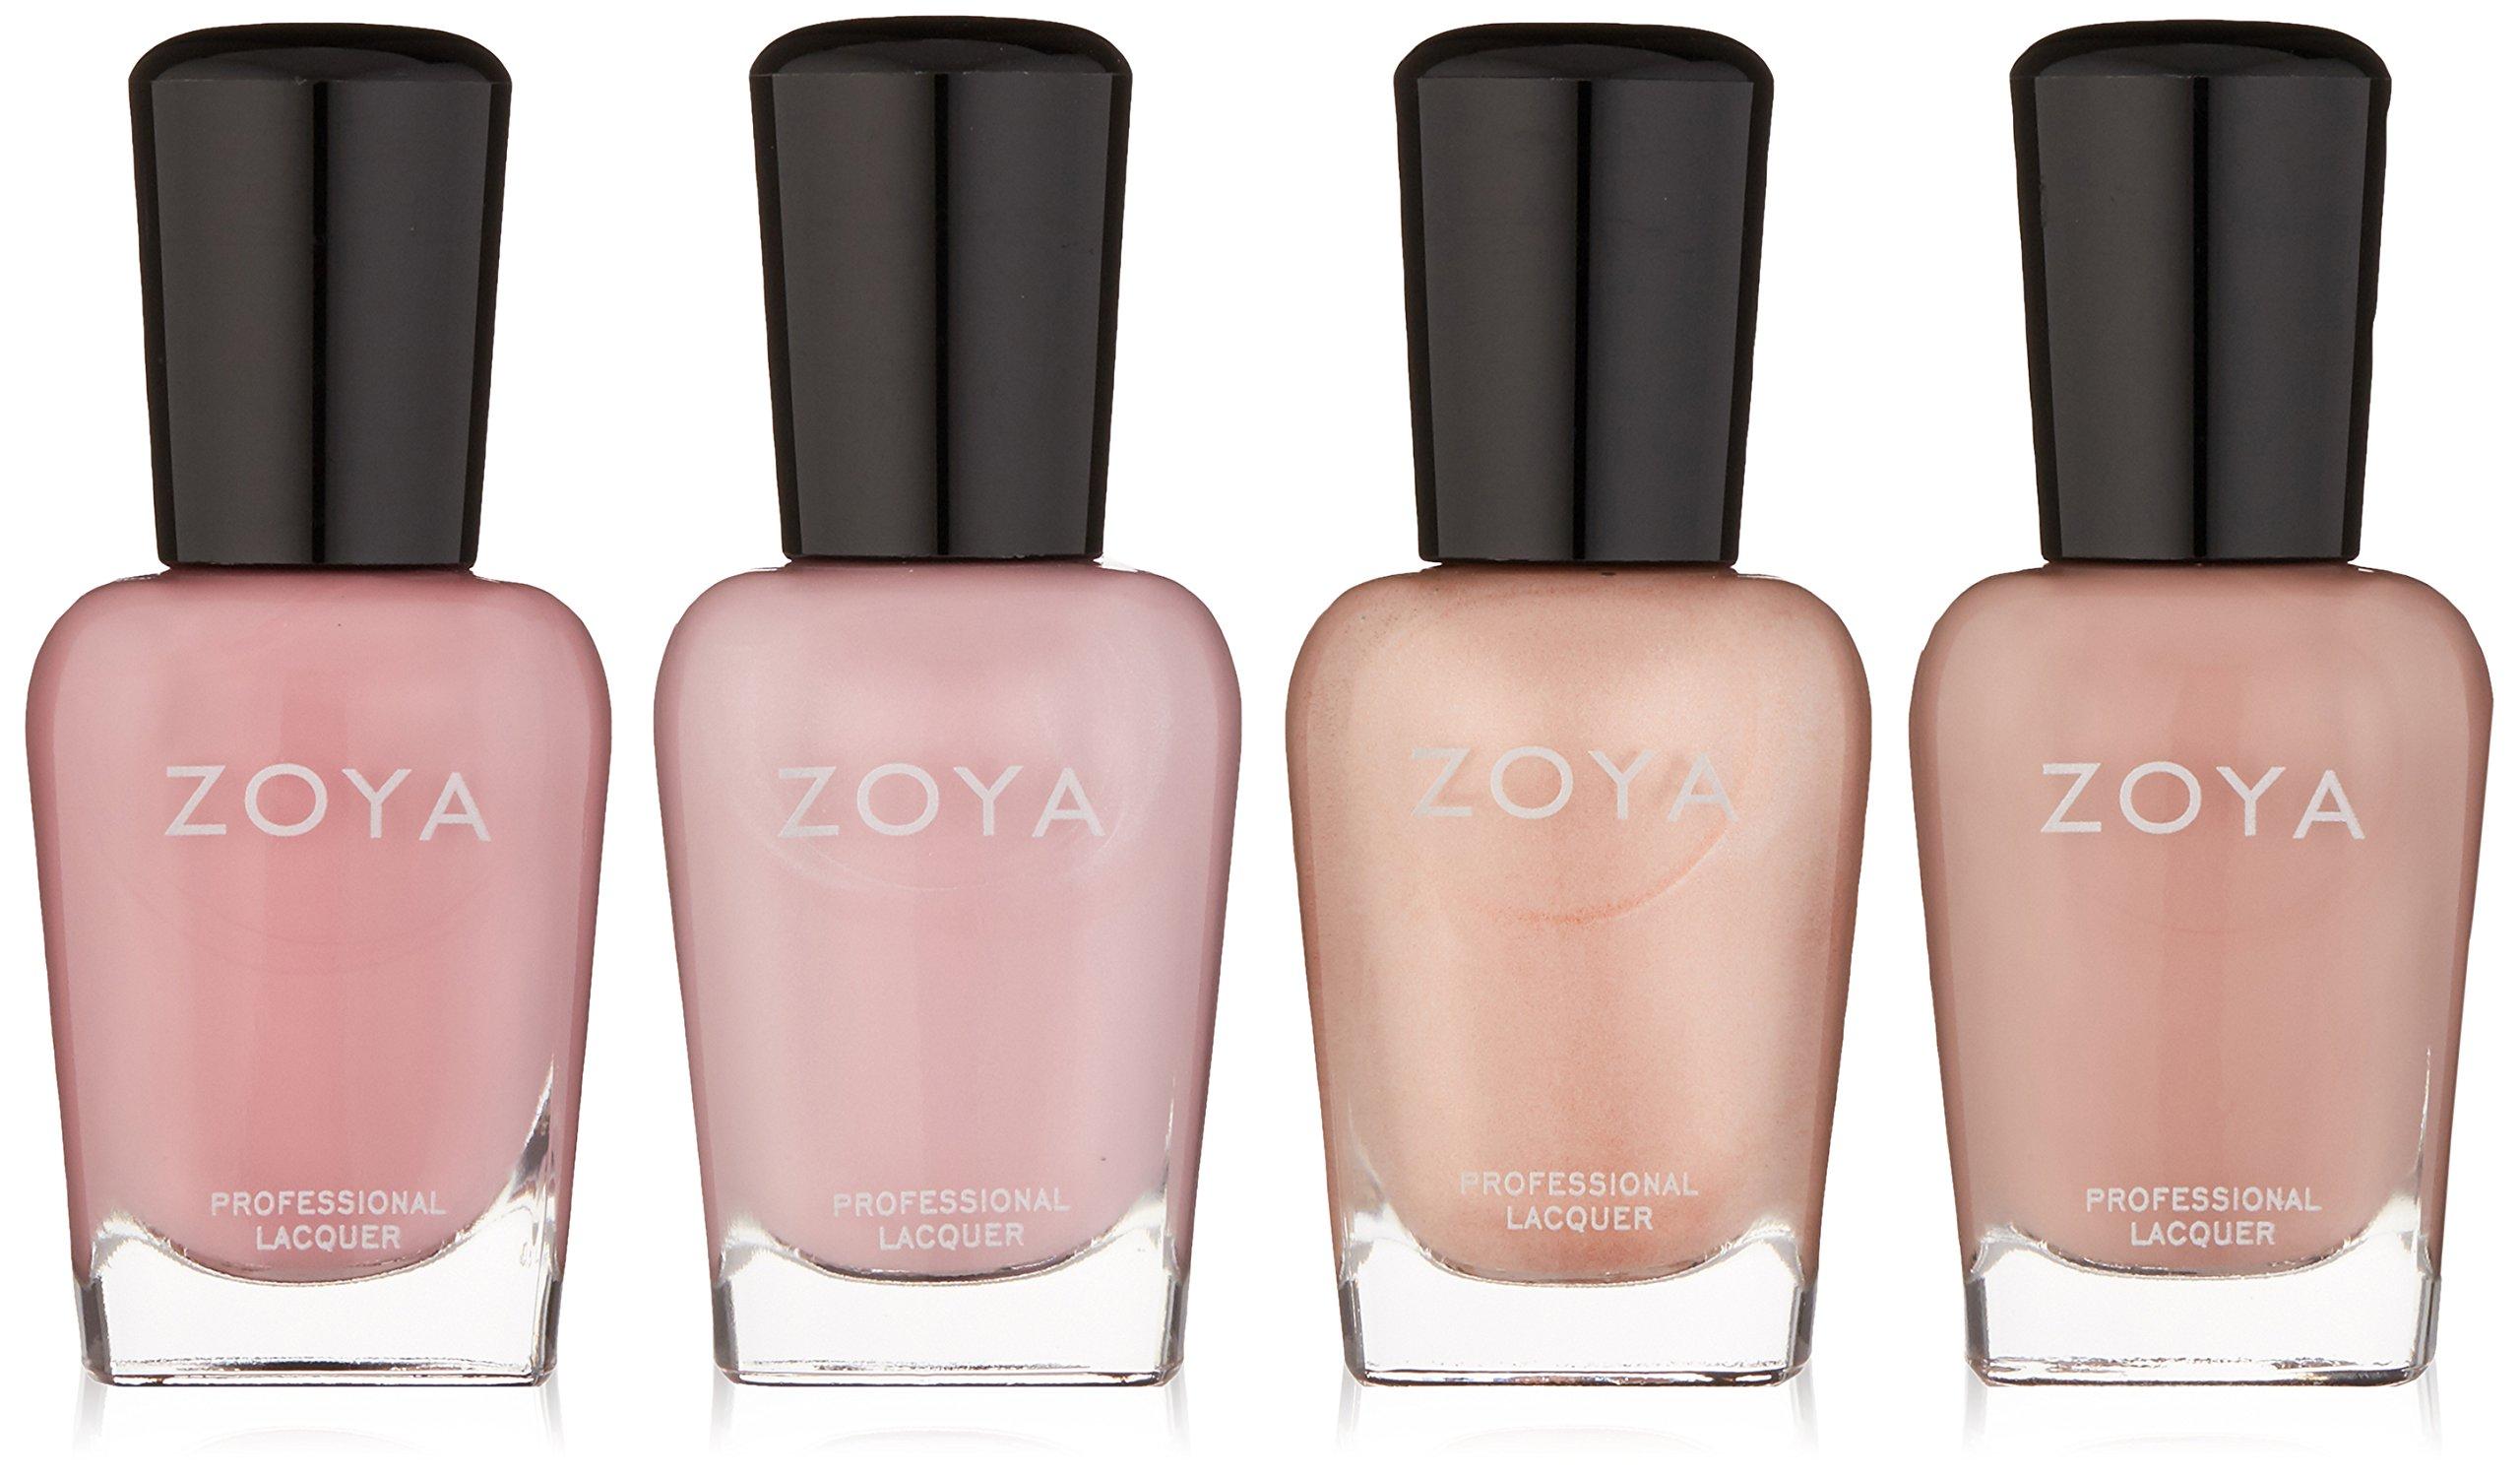 Zoya Polish Quad Nail Polish, Under The Mistletoe by ZOYA